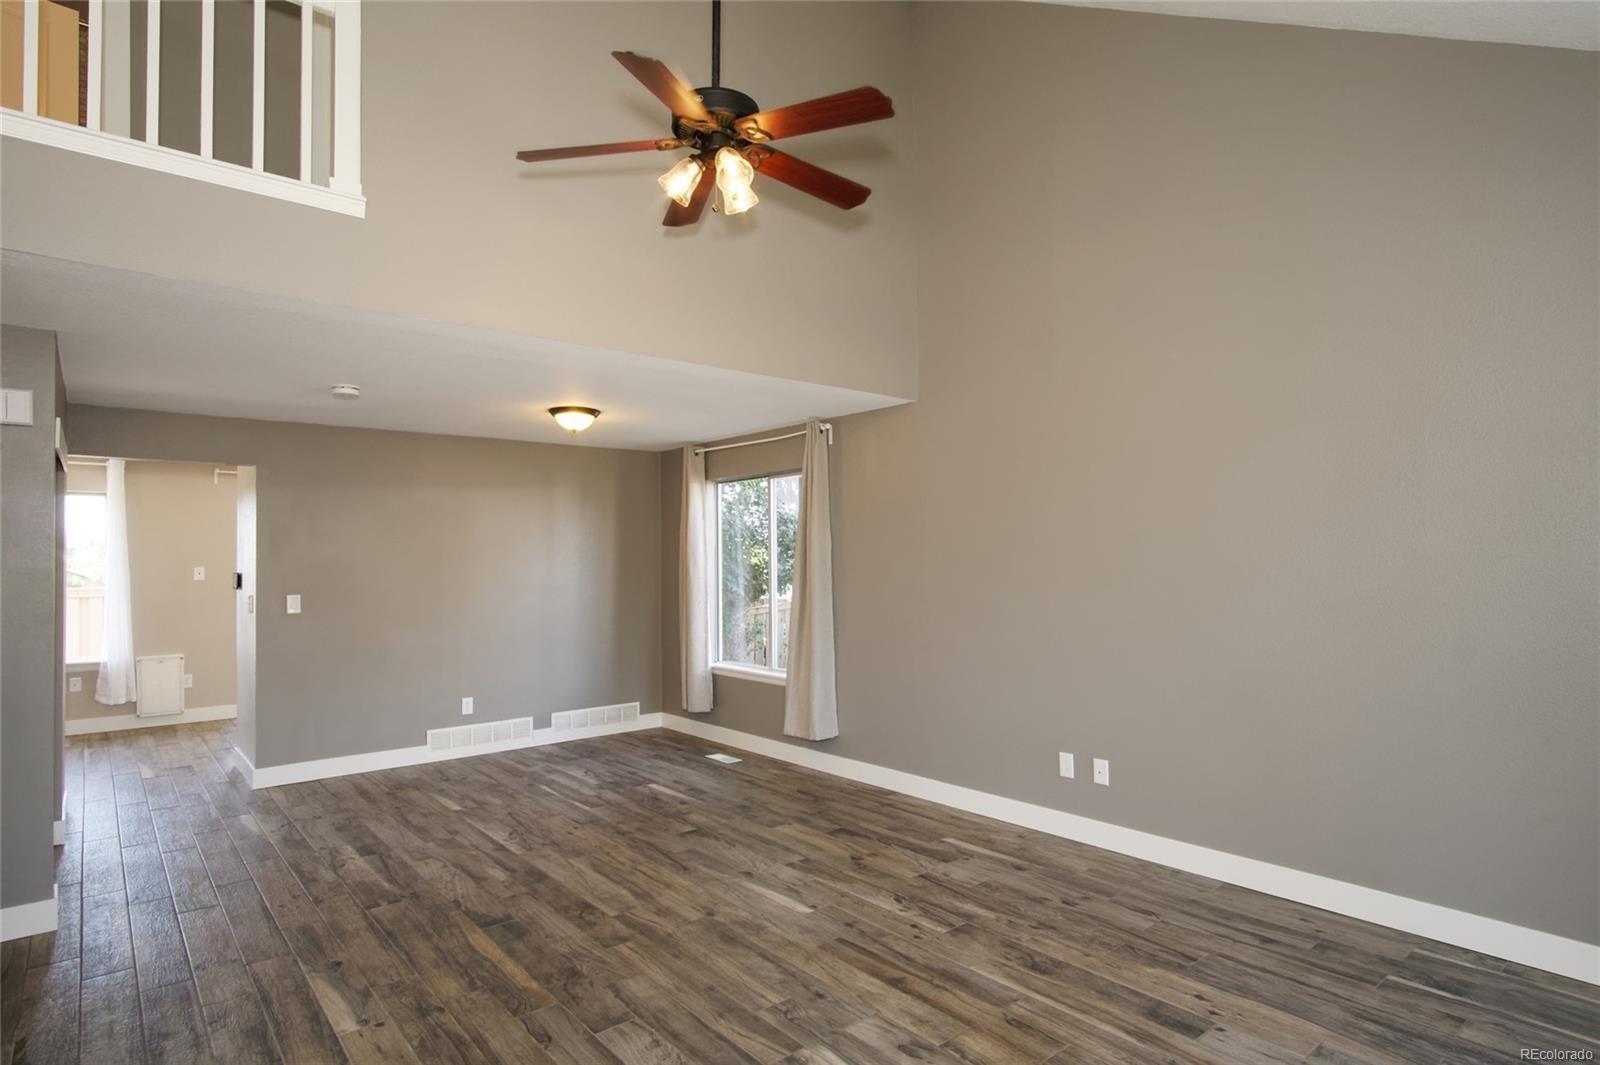 MLS# 6343588 - 2 - 522 Lindenwood Court, Highlands Ranch, CO 80126